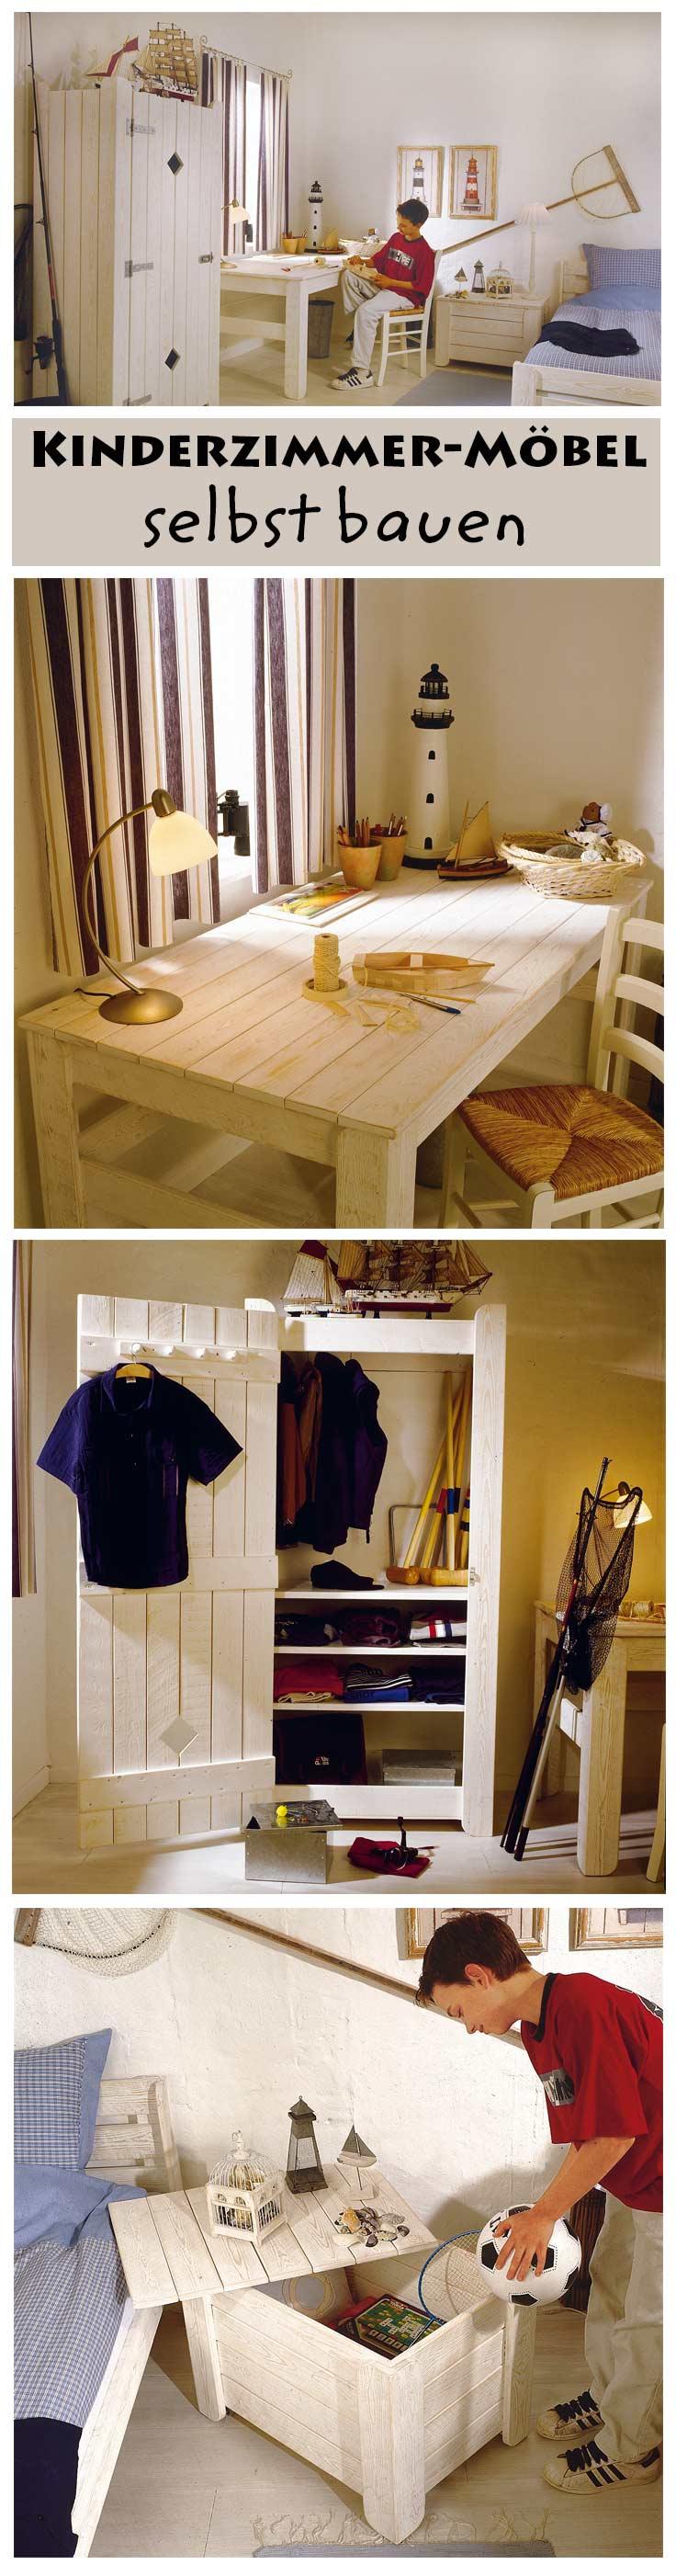 Charming Kinderzimmer Einrichten. Möbel KinderzimmerKinderzimmer EinrichtenMaritime  MöbelHaus ...